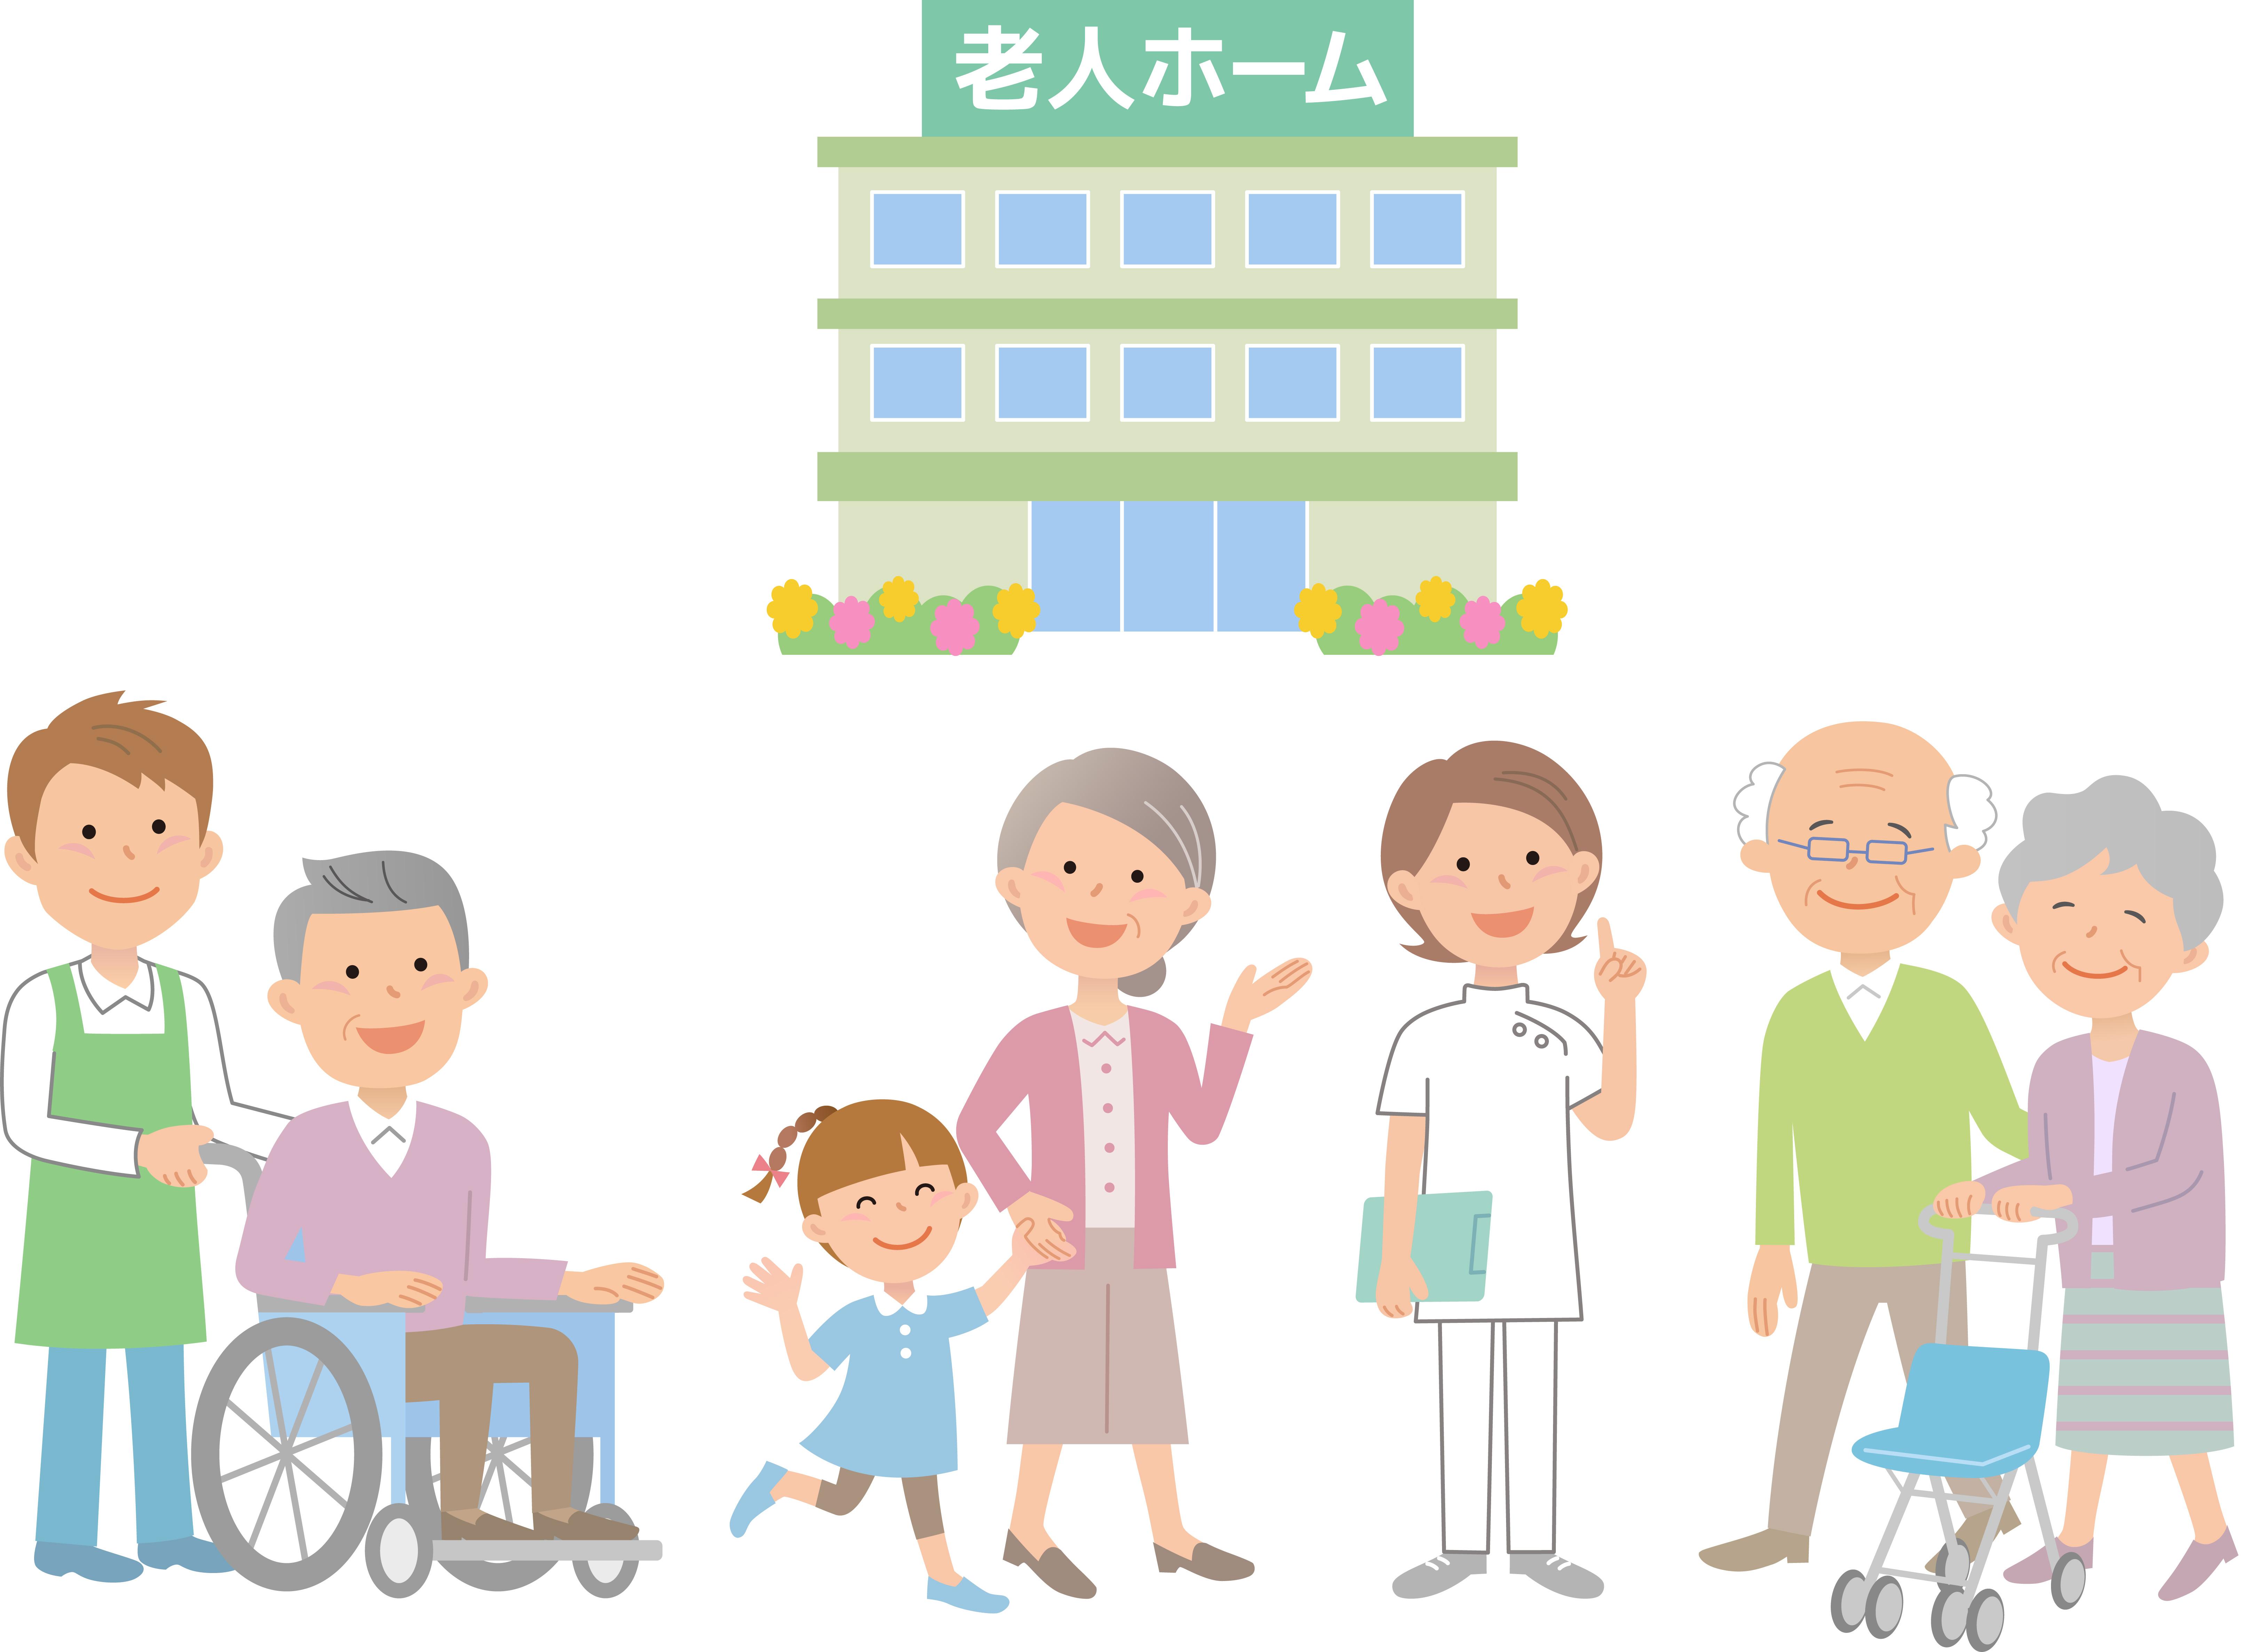 介護施設の種類と入居する為の条件、手続きについて